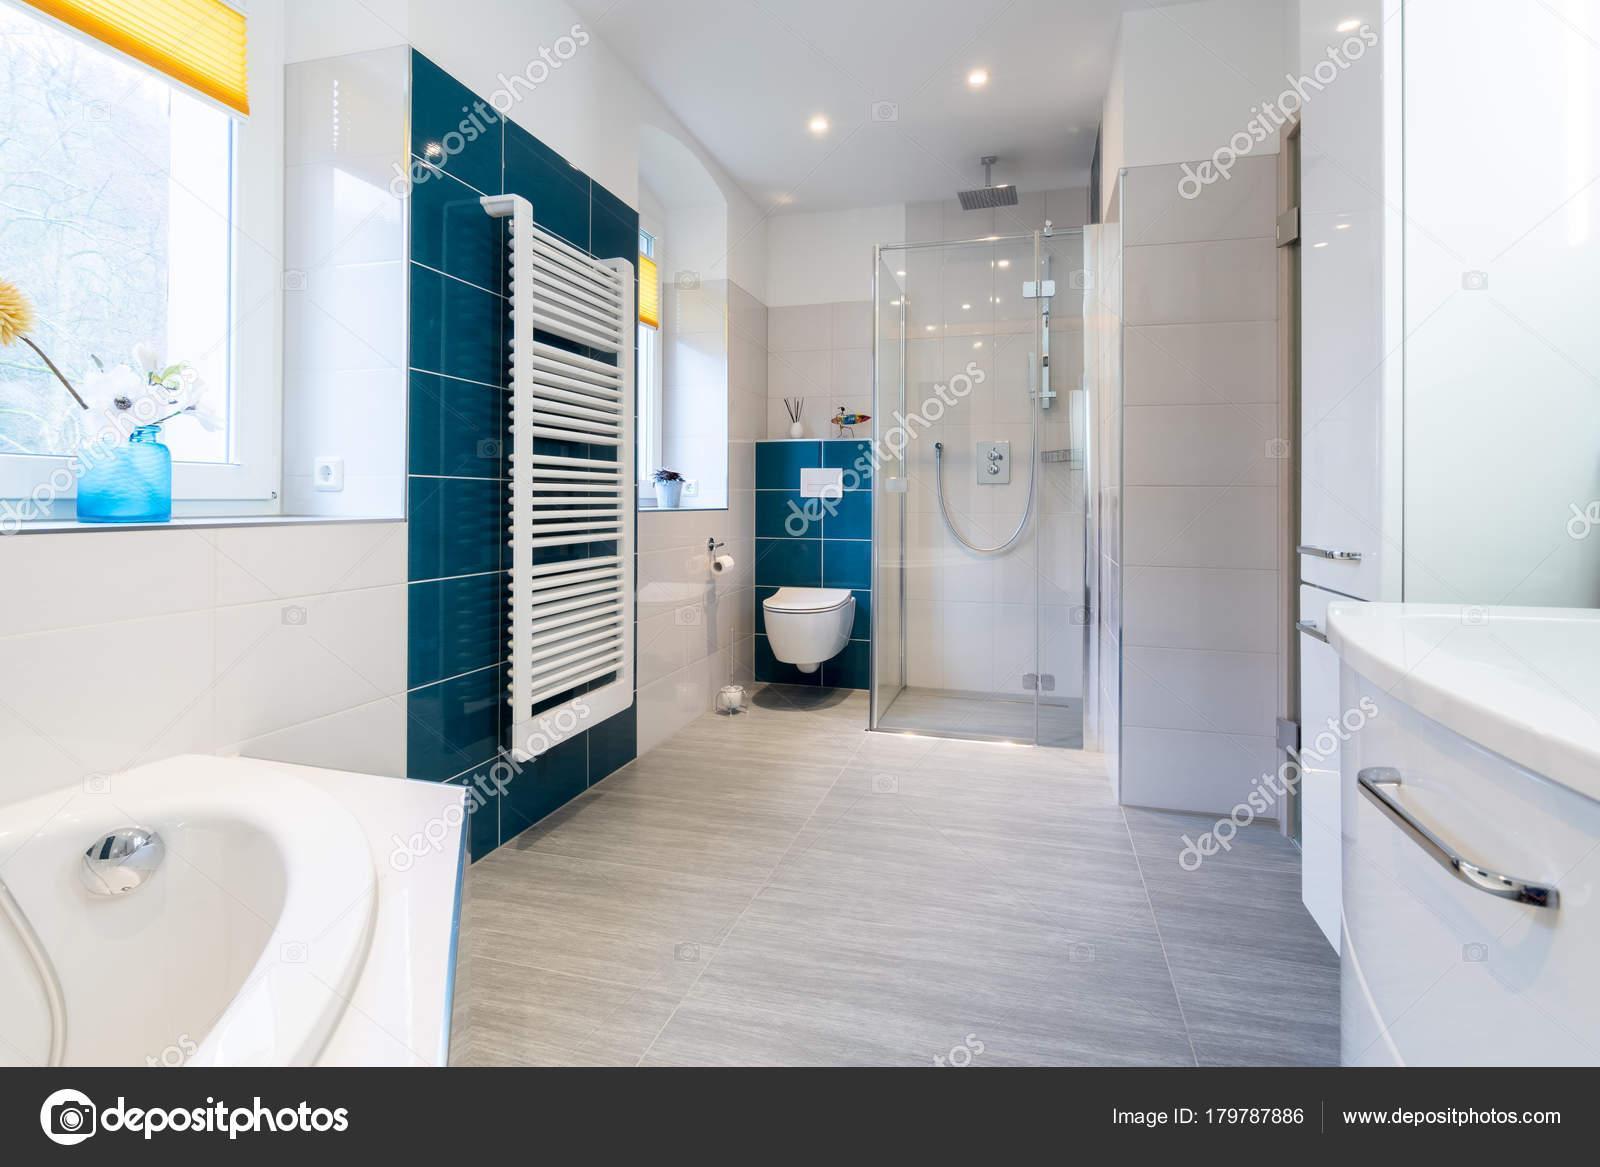 Inloopdouche Met Wastafel : Ruime badkamer met blauwe en witte tinten met verwarmde vloeren